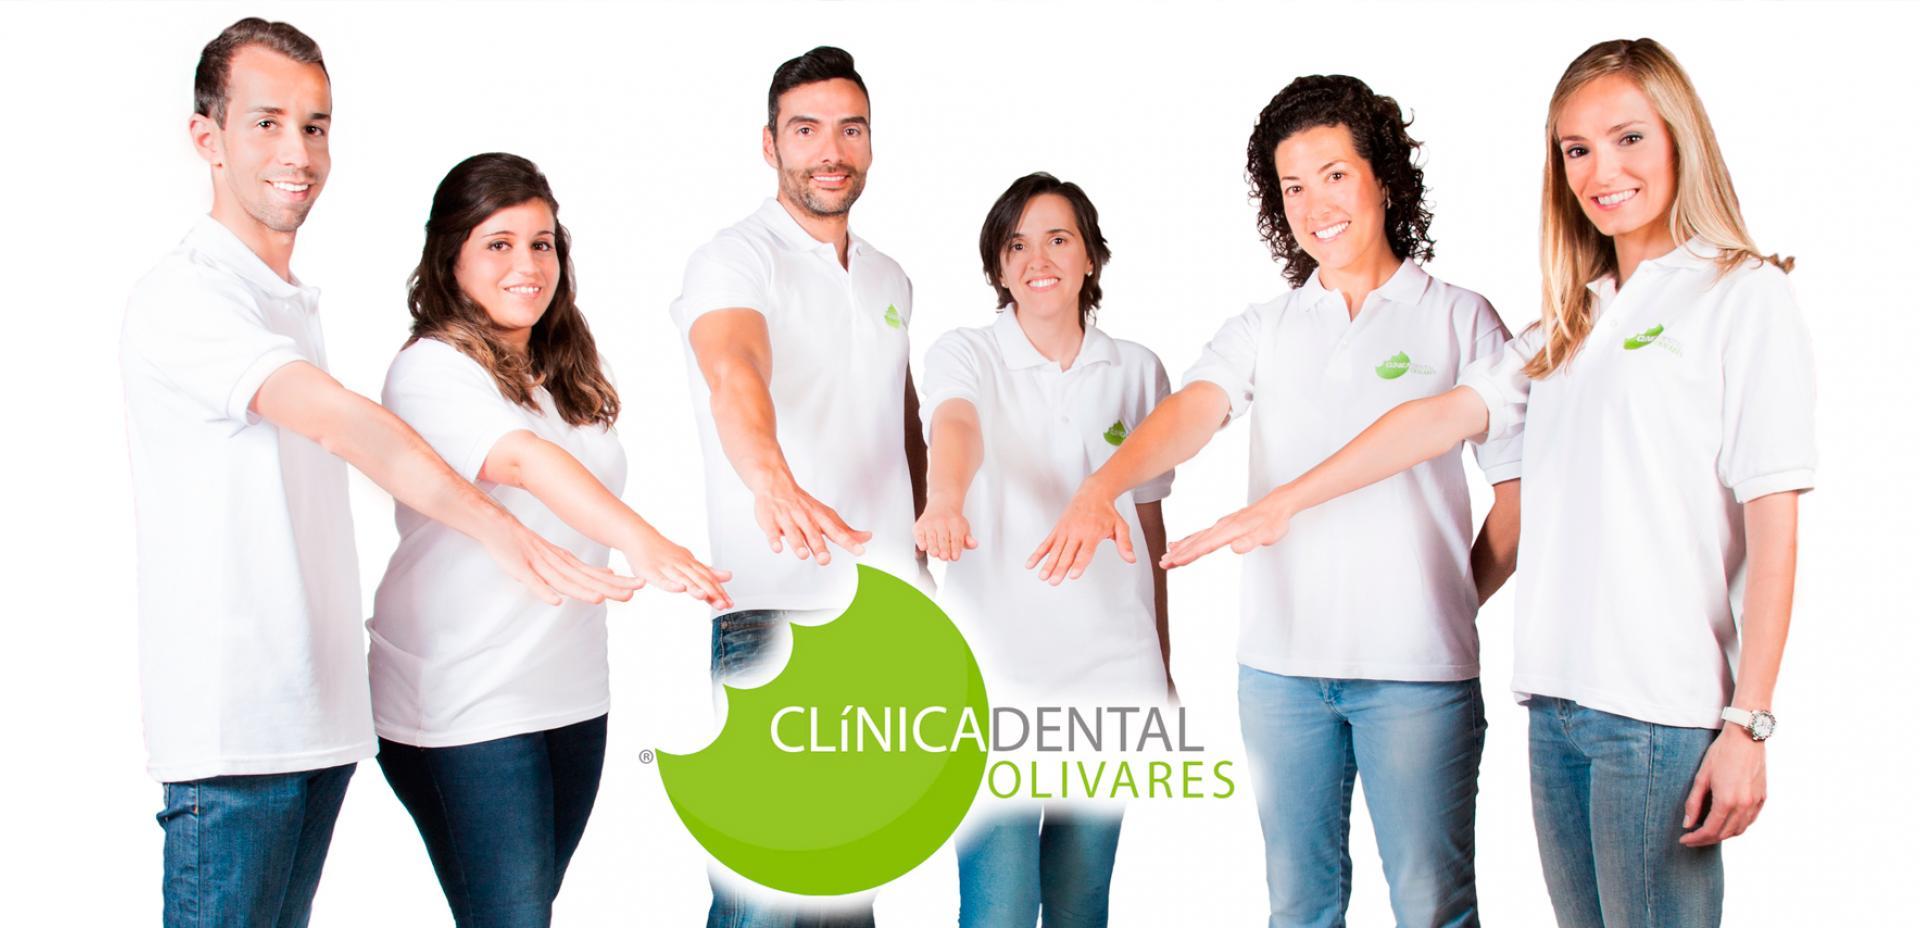 Fotografía publicitaria Clínica Olivares